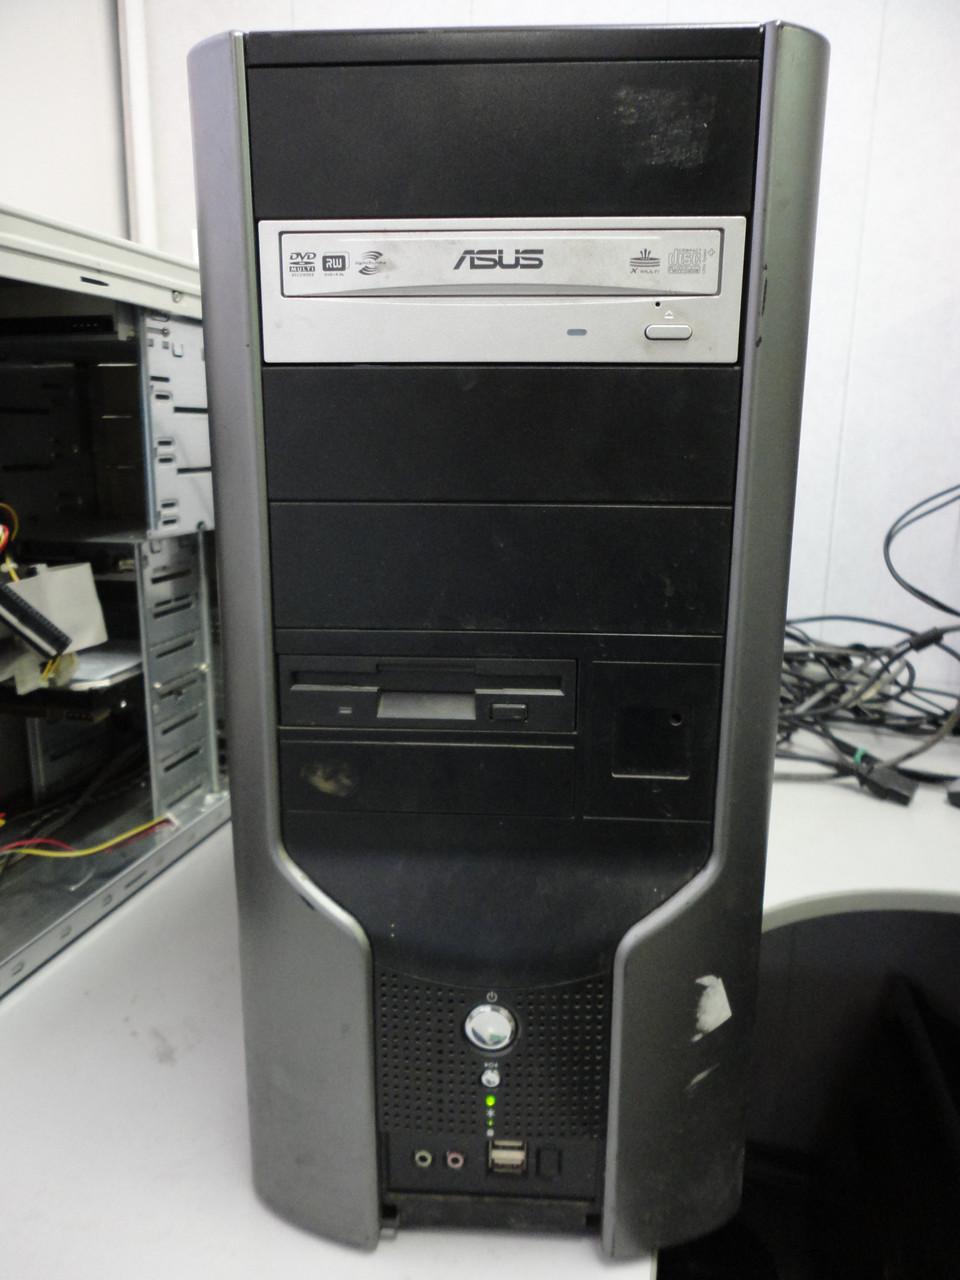 Настольный компьютер MSI 945GZM3/Intel Celeron D 331 2,6GHz/80Gb/1Gb/3